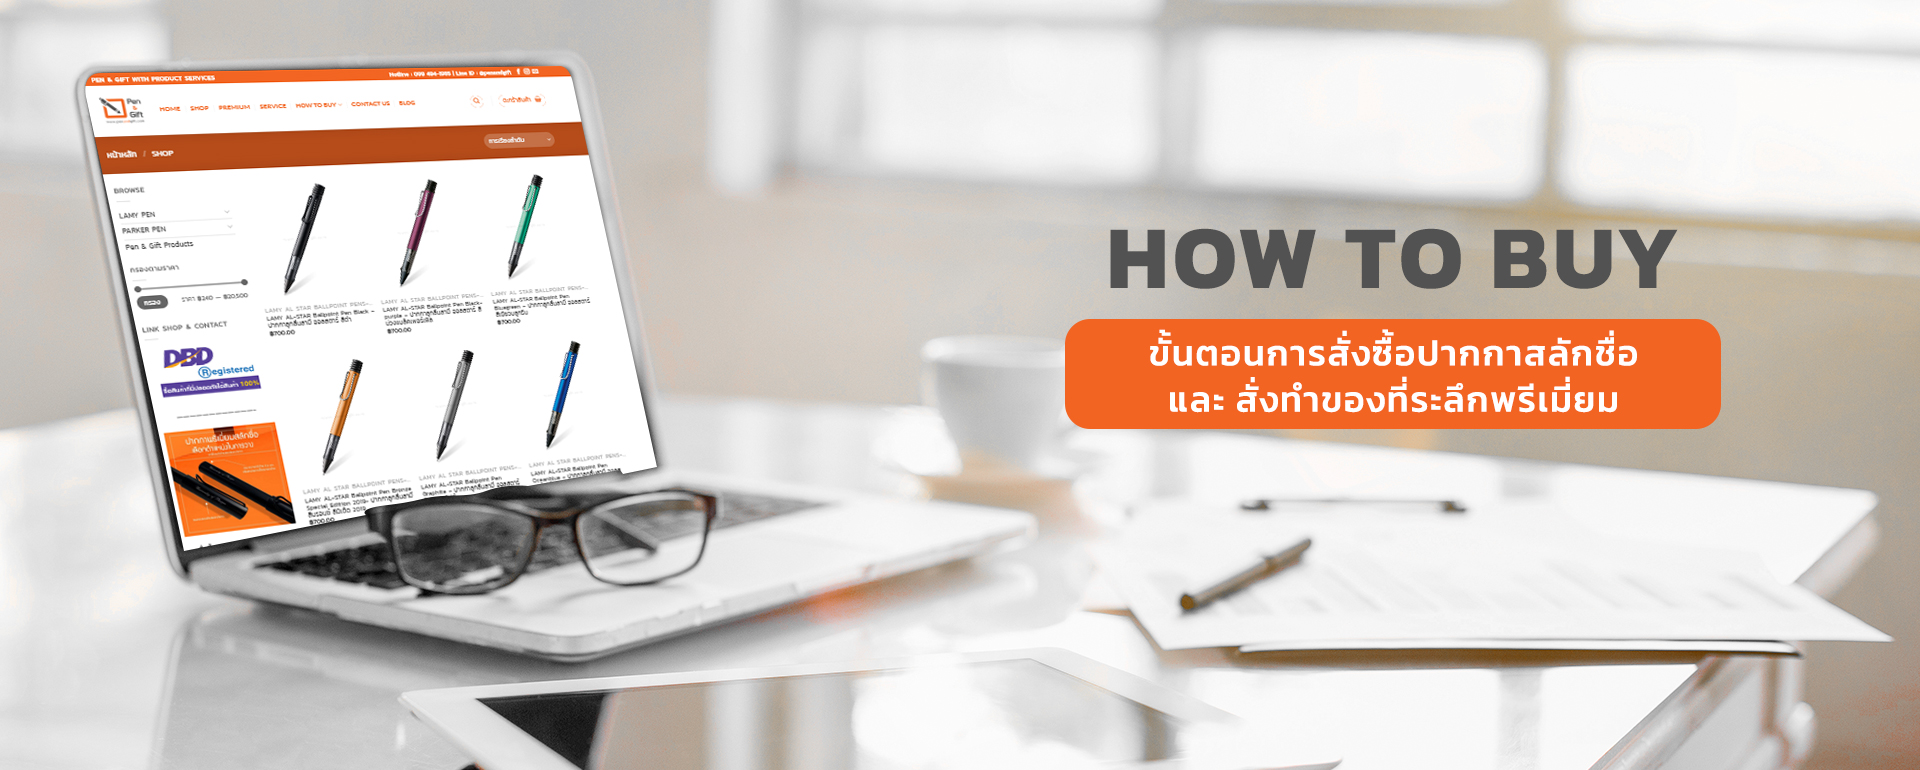 AW-Web-PNG-ขั้นตอนการสั่งซื้อสินค้า-H